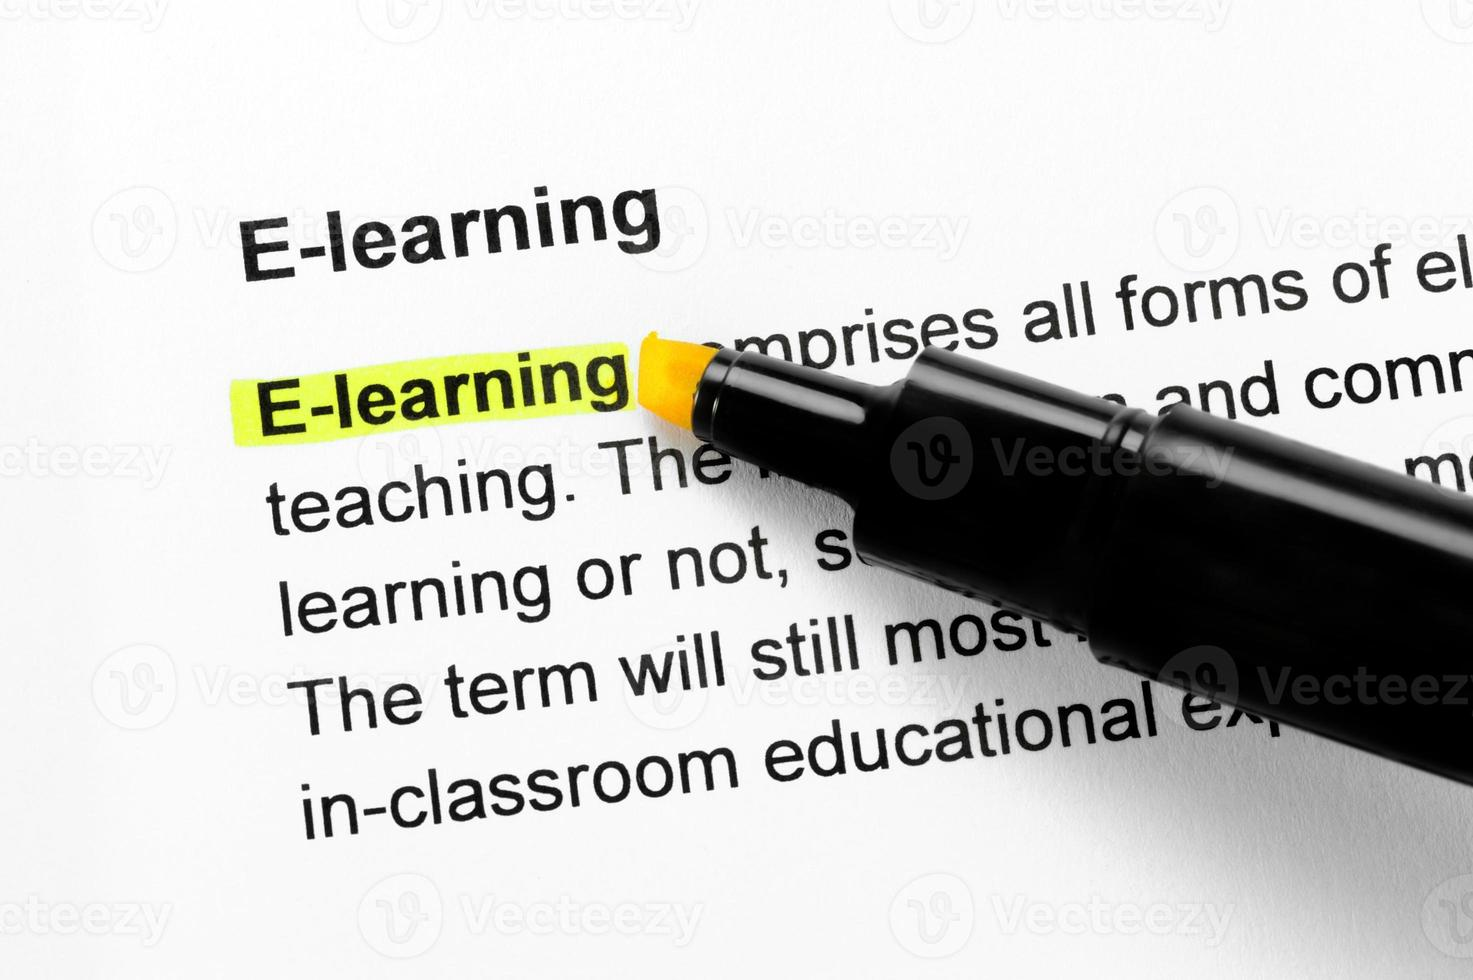 texte e-learning surligné en jaune photo